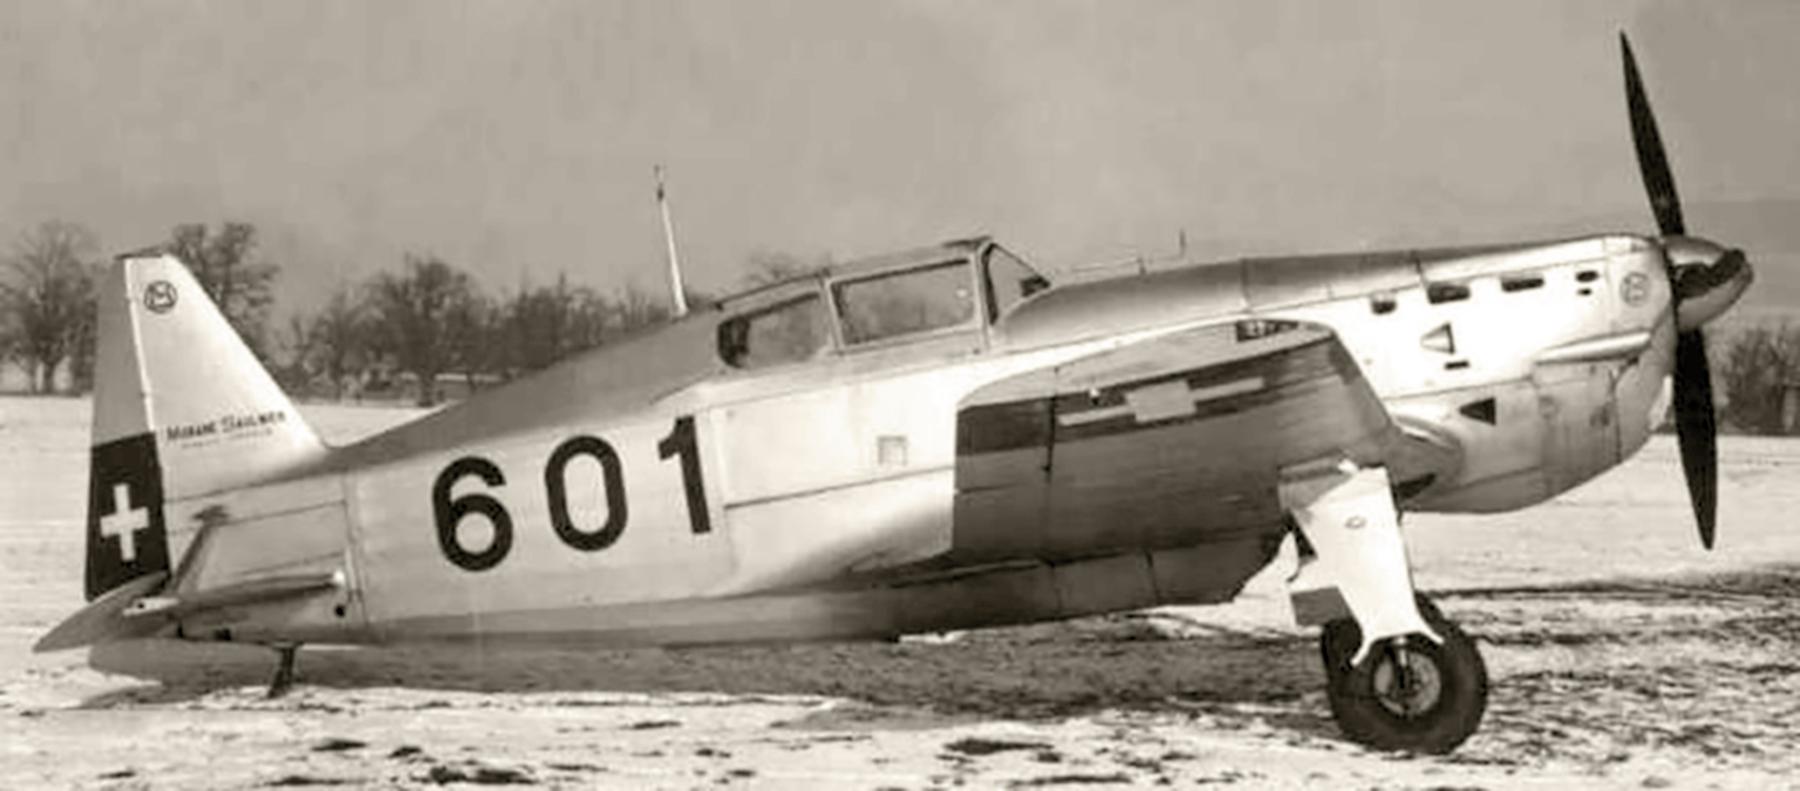 French built Morane Saulnier MS 406 Black 601 Swiss AF web 01